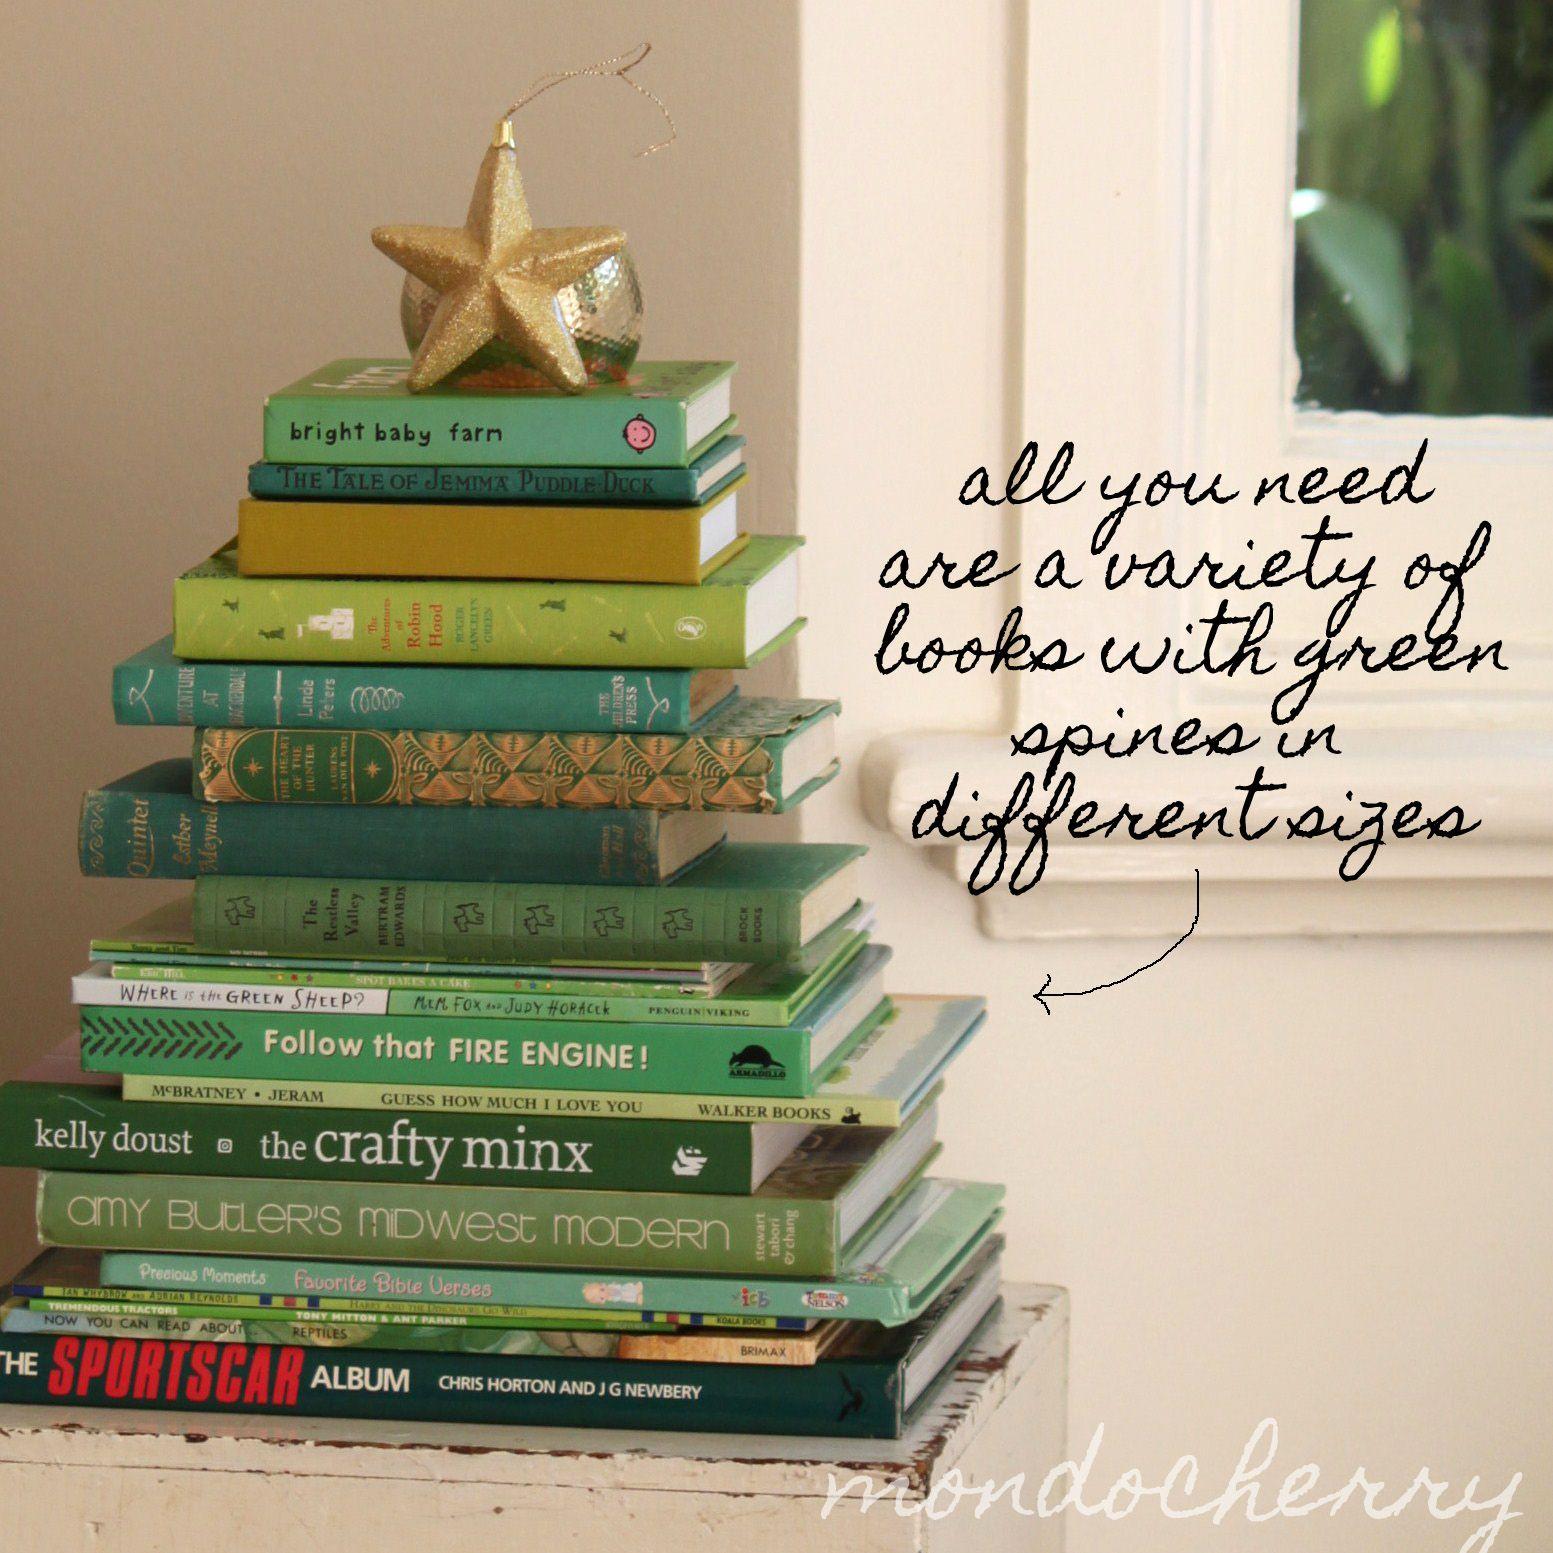 Christmas Tree With Green Books Book Christmas Tree Christmas Library Display Library Decor